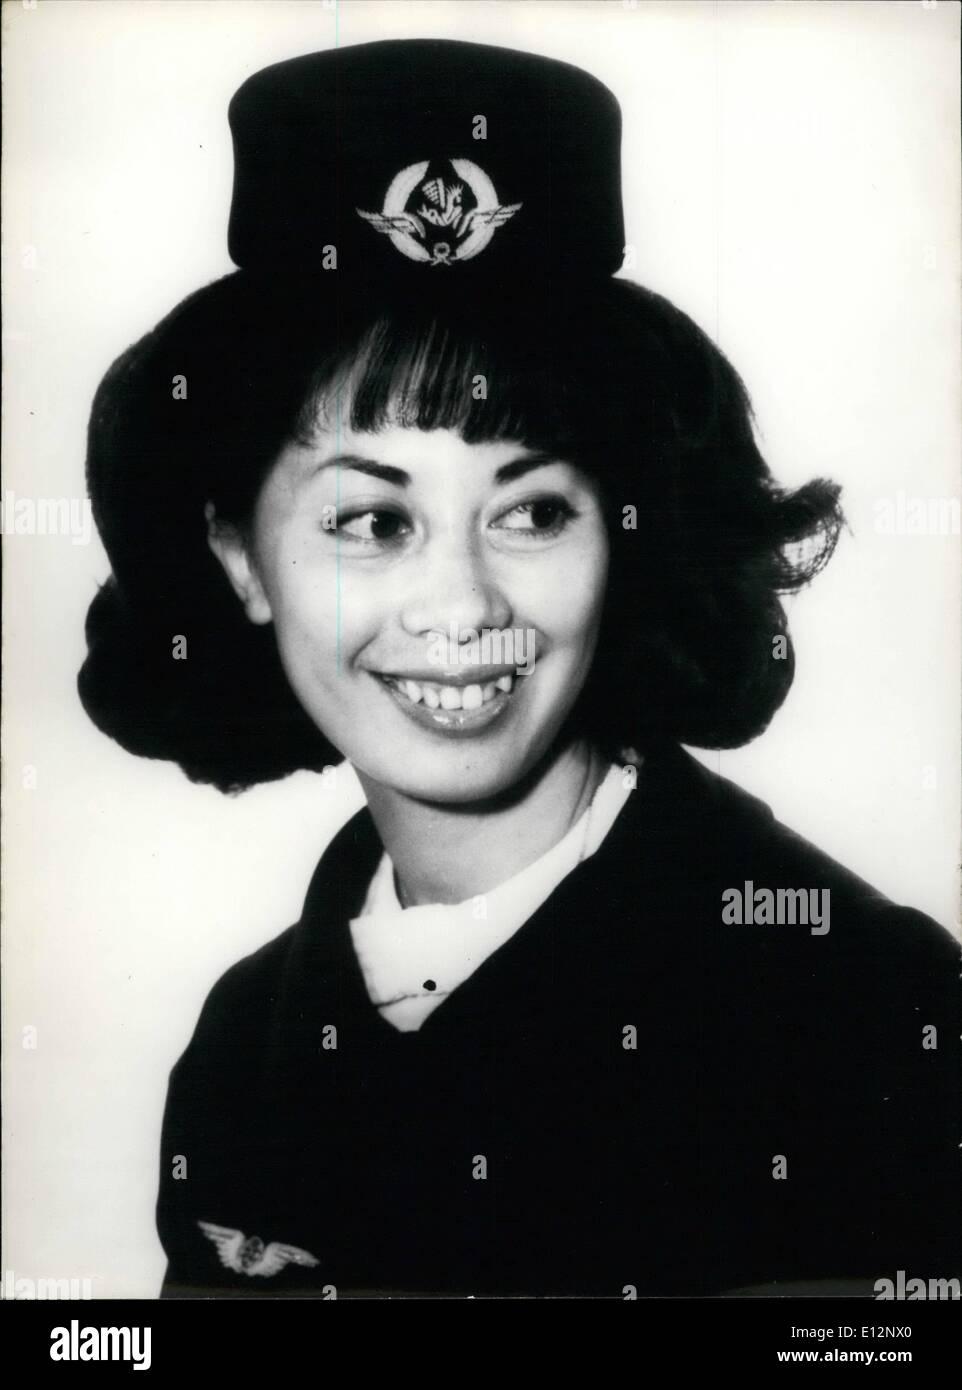 El 24 de febrero, 2012 - AZAFATA DEL AÑO DE 26 AÑOS NACIDO EN COGNET GINETTE Cao Bang en Viet- nam, AIR FRANCE, Air hostess, fue elegido 'anfitriona en 1968. OPS: Ginette COGNET, la anfitriona del año. Imagen De Stock